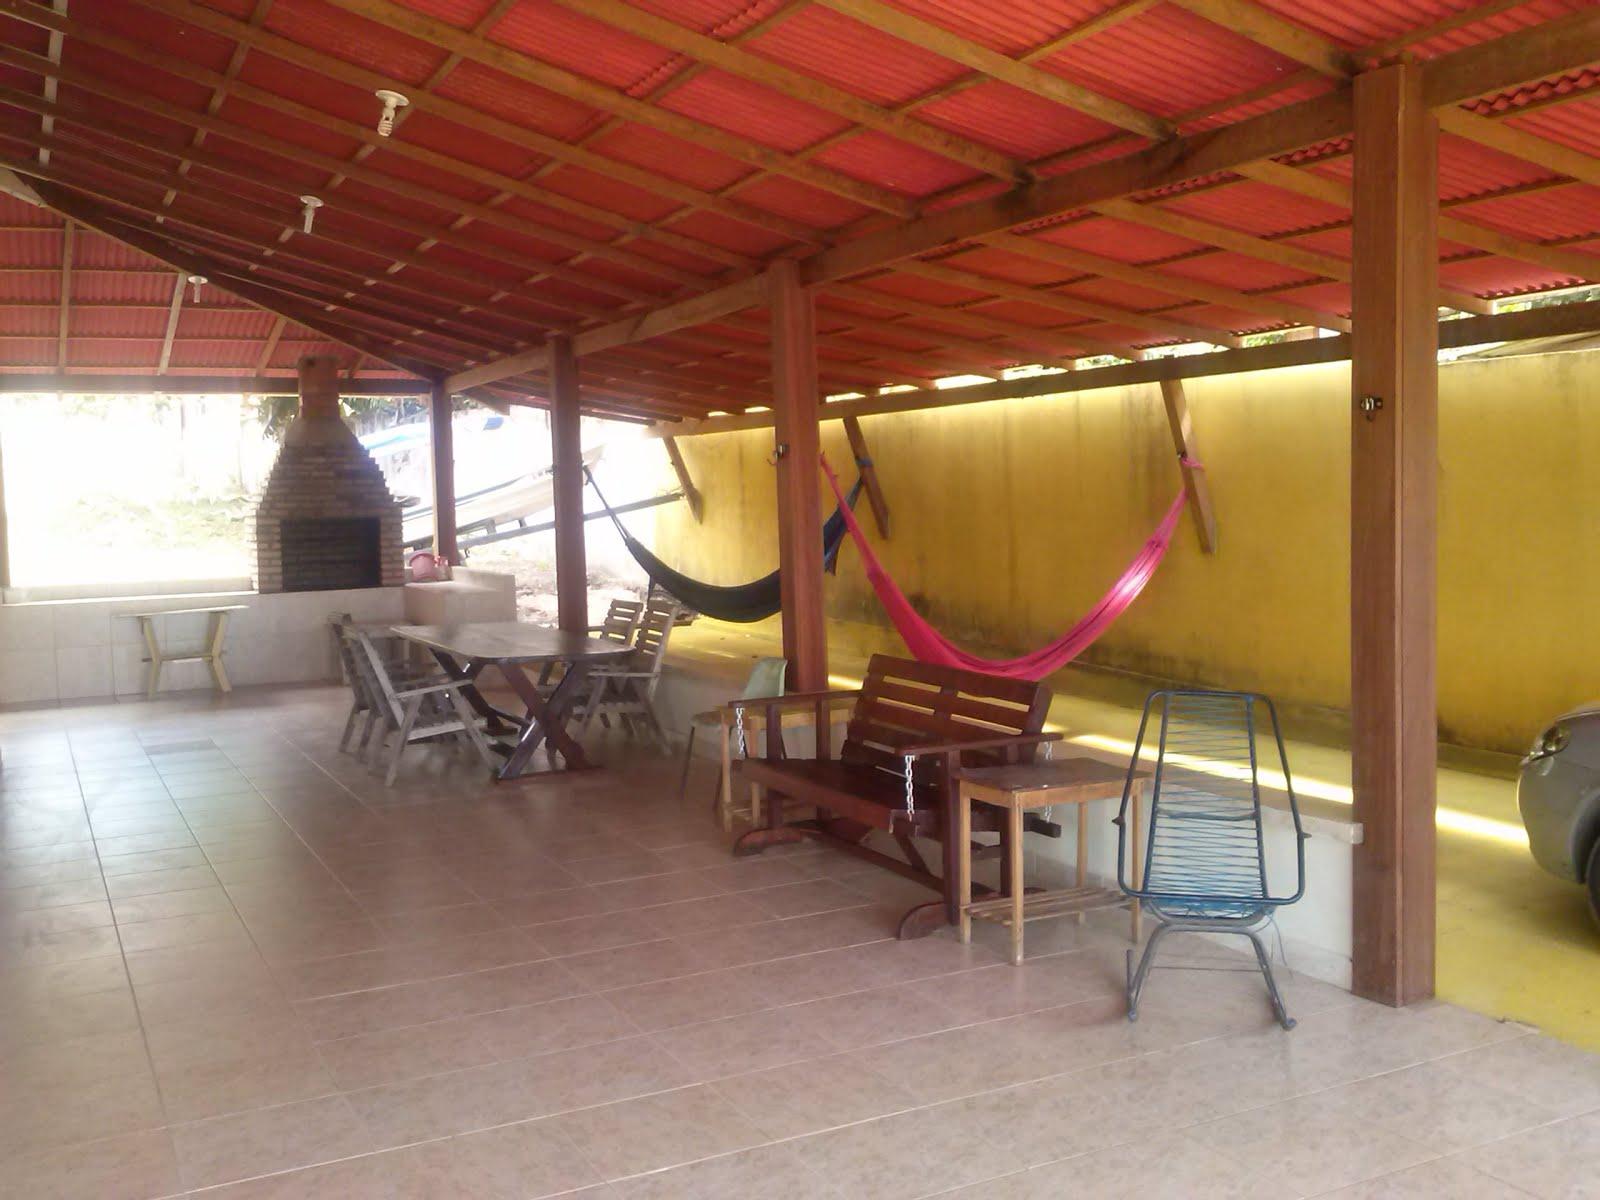 Casa Alter - Alpendre - Área de almoço - redes - descanso.